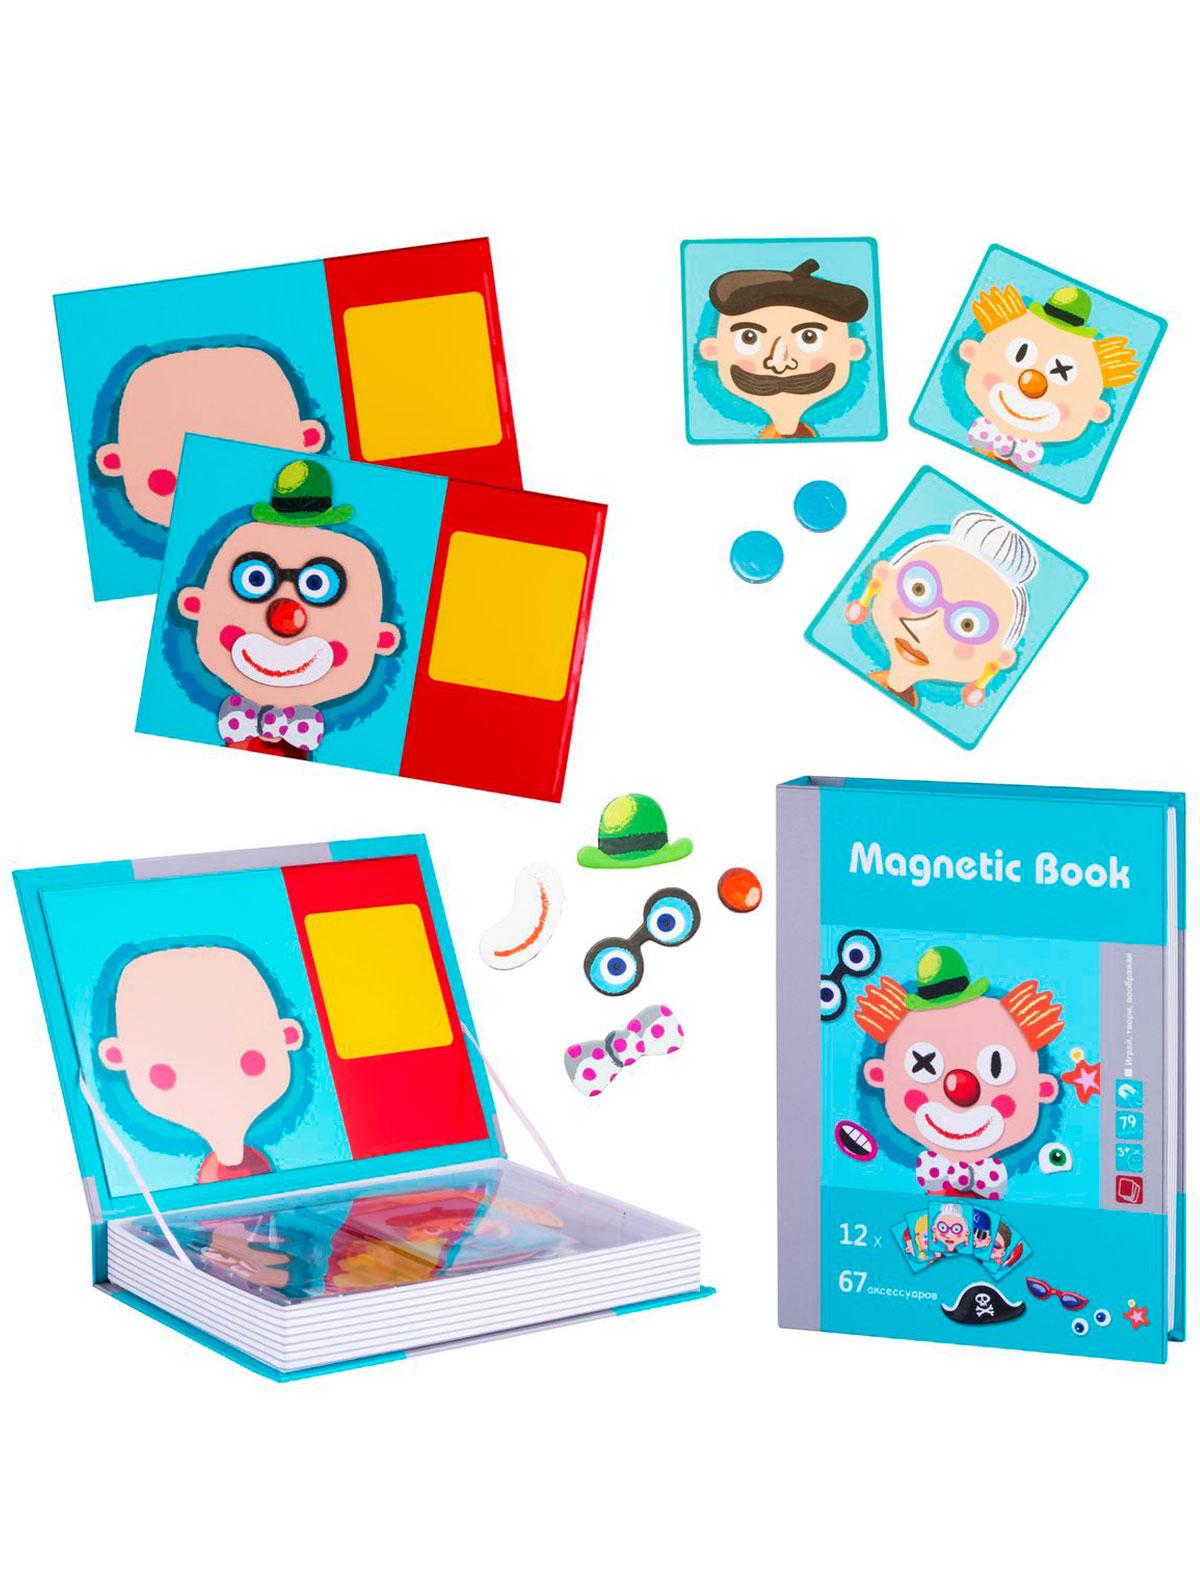 Купить 2267919, Игрушка Magnetic Book, голубой, 7134529083787